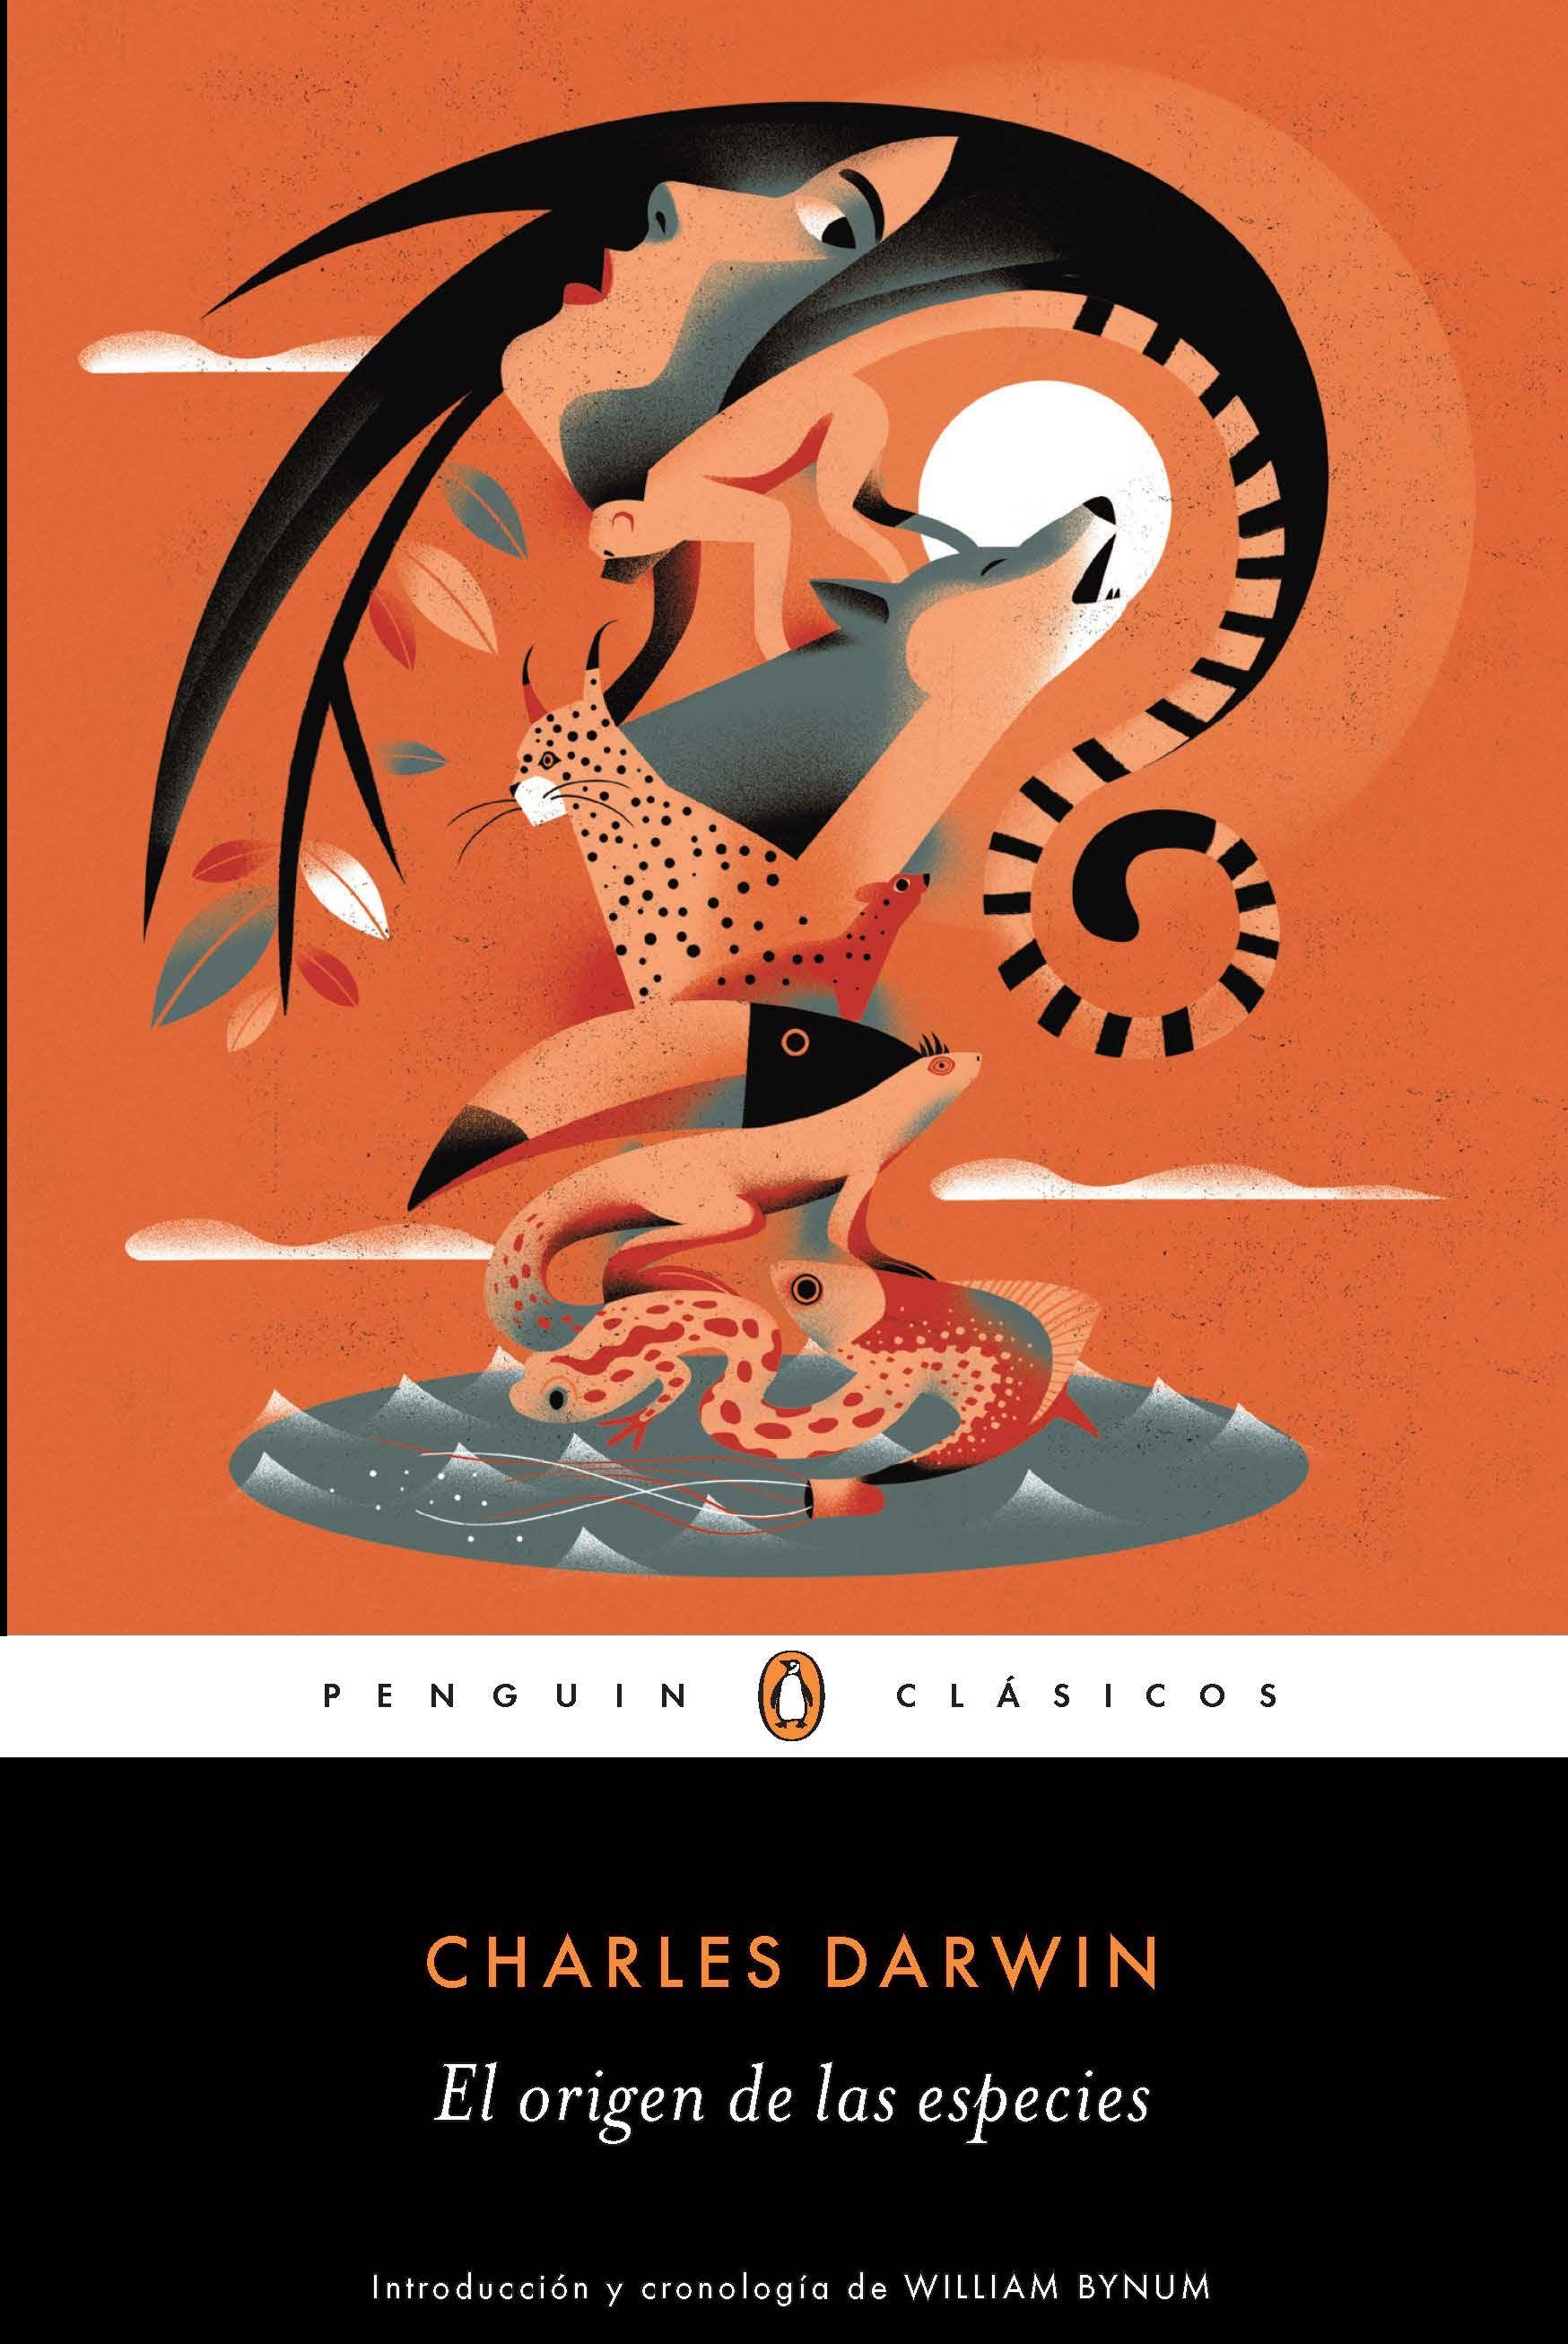 El Origen De Las Especies Charles Darwin Evolucion De Las Especies Dibujos Cute Charles Darwin